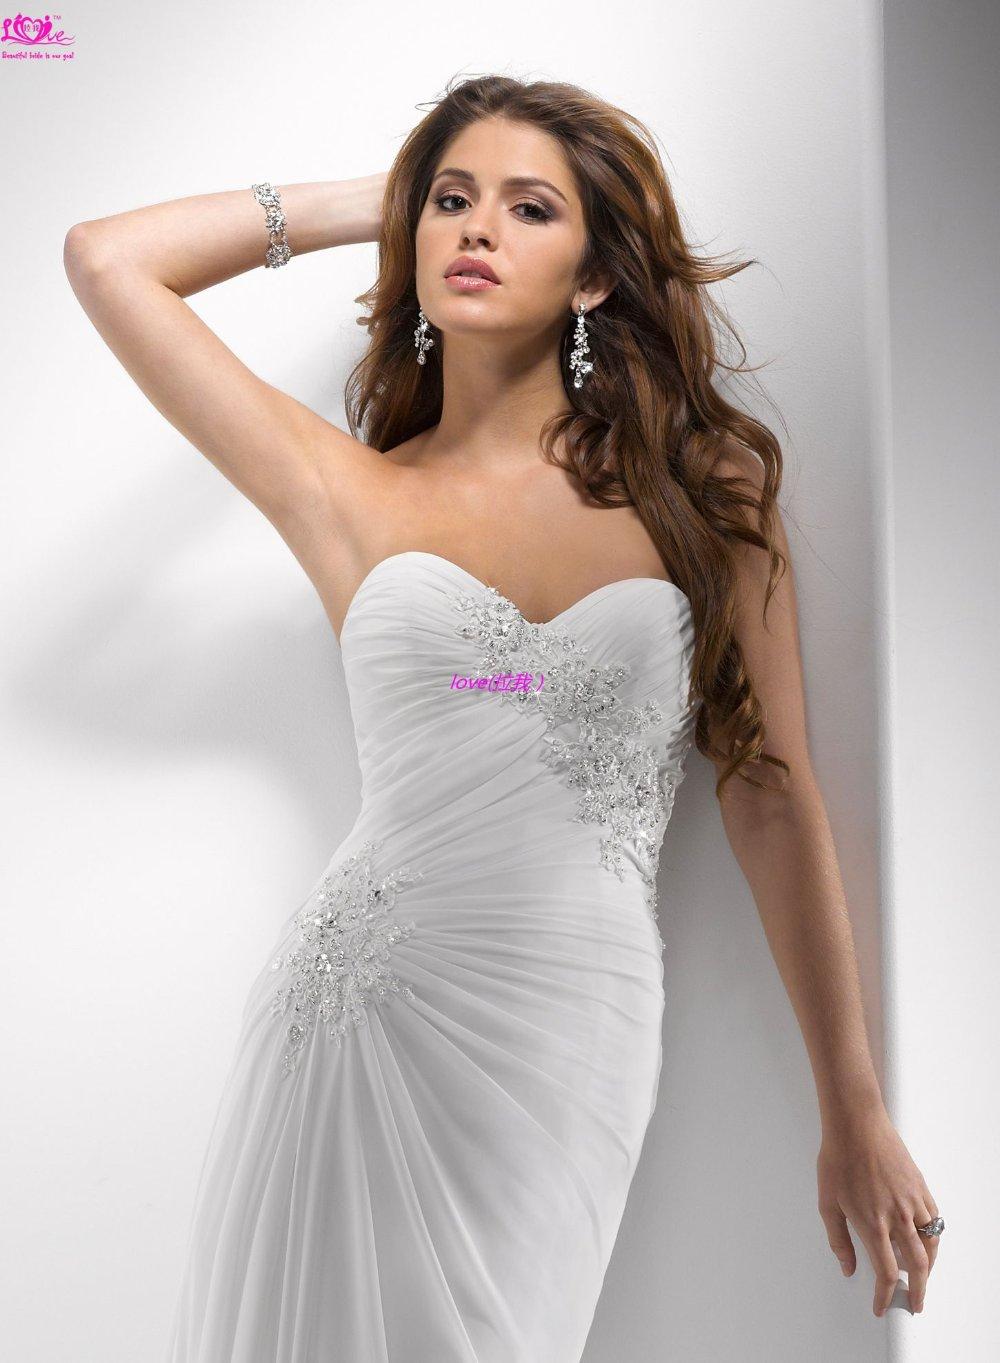 Wedding Dresses For A Beach Ceremony